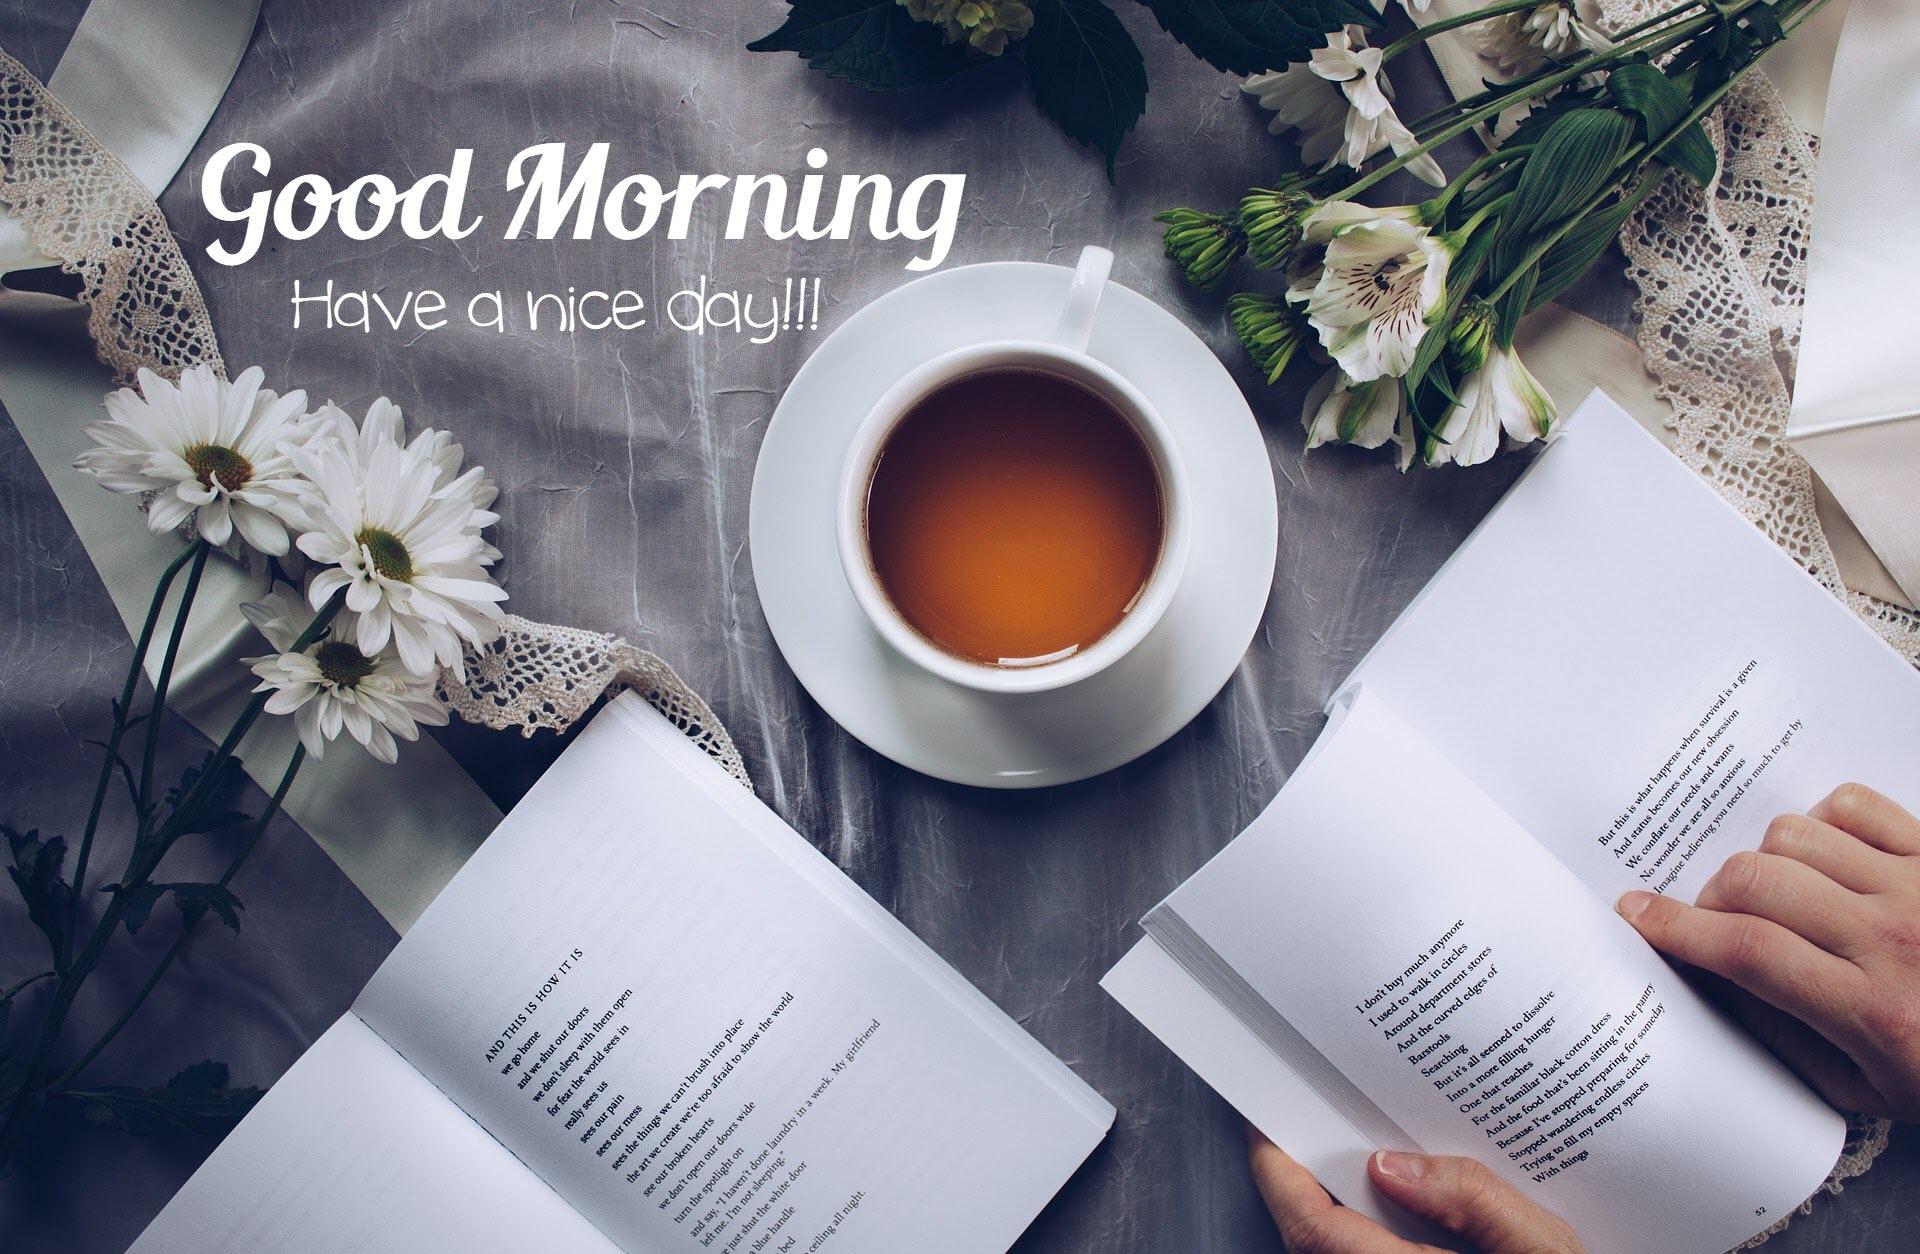 Hình ảnh chúc buổi sáng đẹp nhất - Ảnh nghệ thuật Book Tea